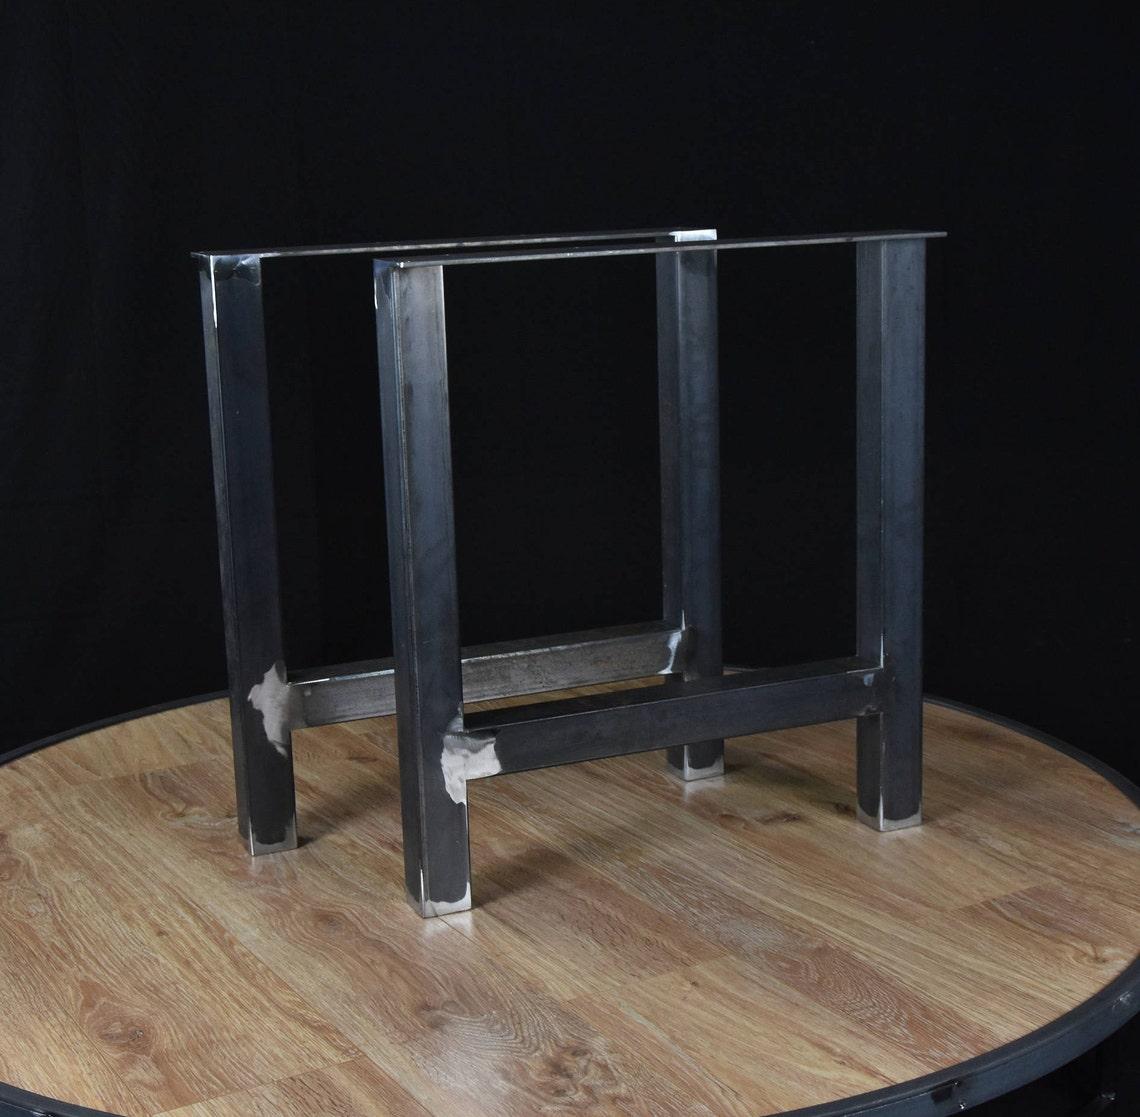 Table Legs, A Shape Table Legs, Steel bench legs,  SET of 2